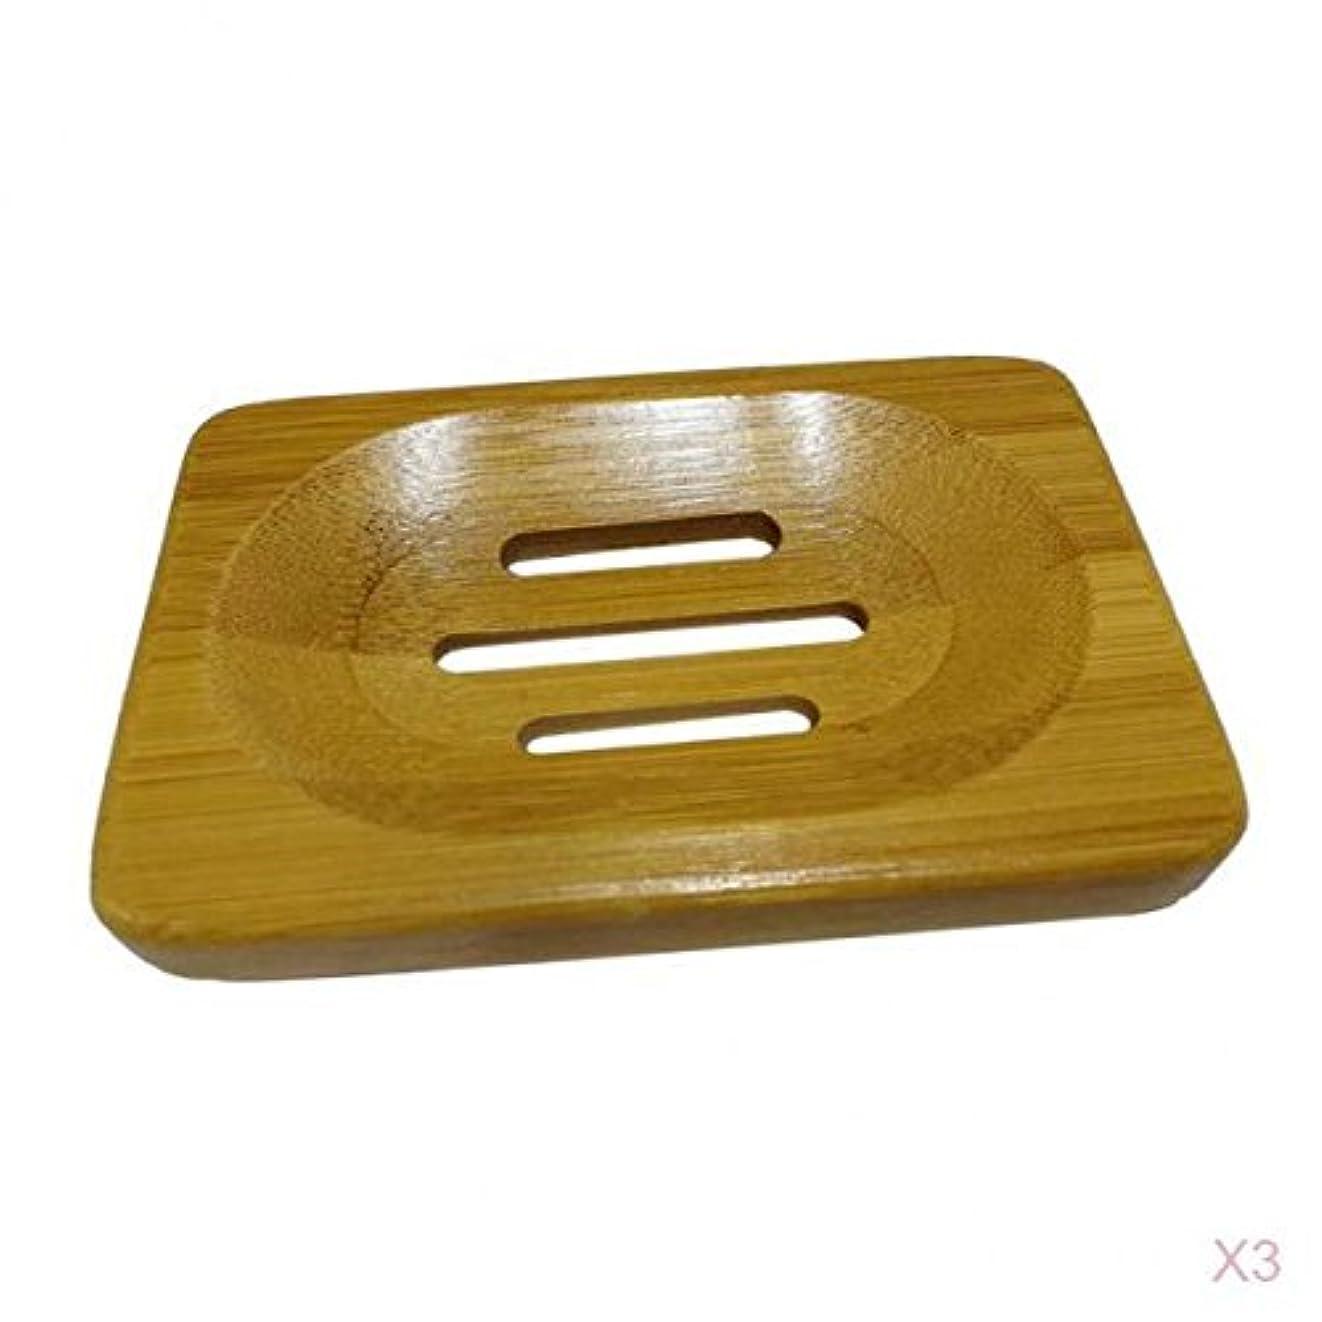 聴く排除する宙返りHomyl 3個 木製 石鹸 ケース ホルダー